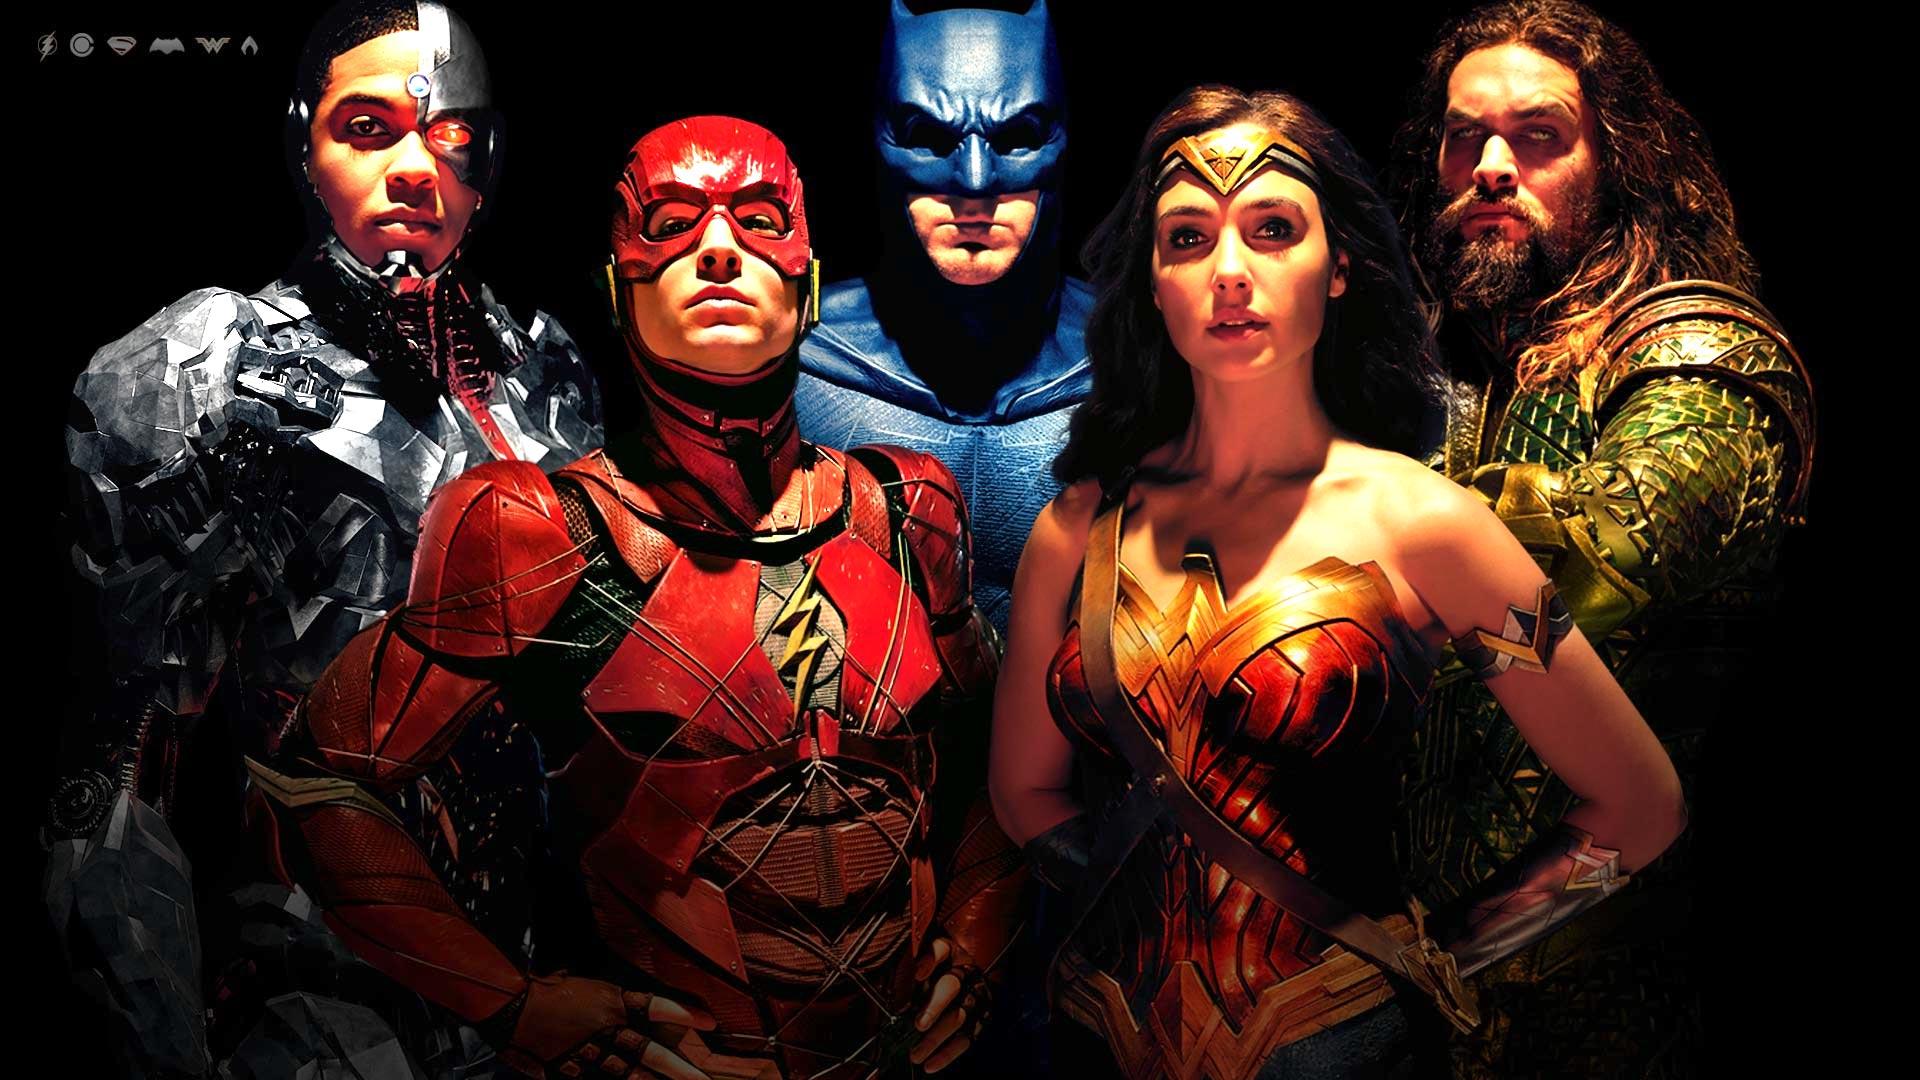 Justice League 2 ': Zack Snyder puede haber revelado planes secuela trippy